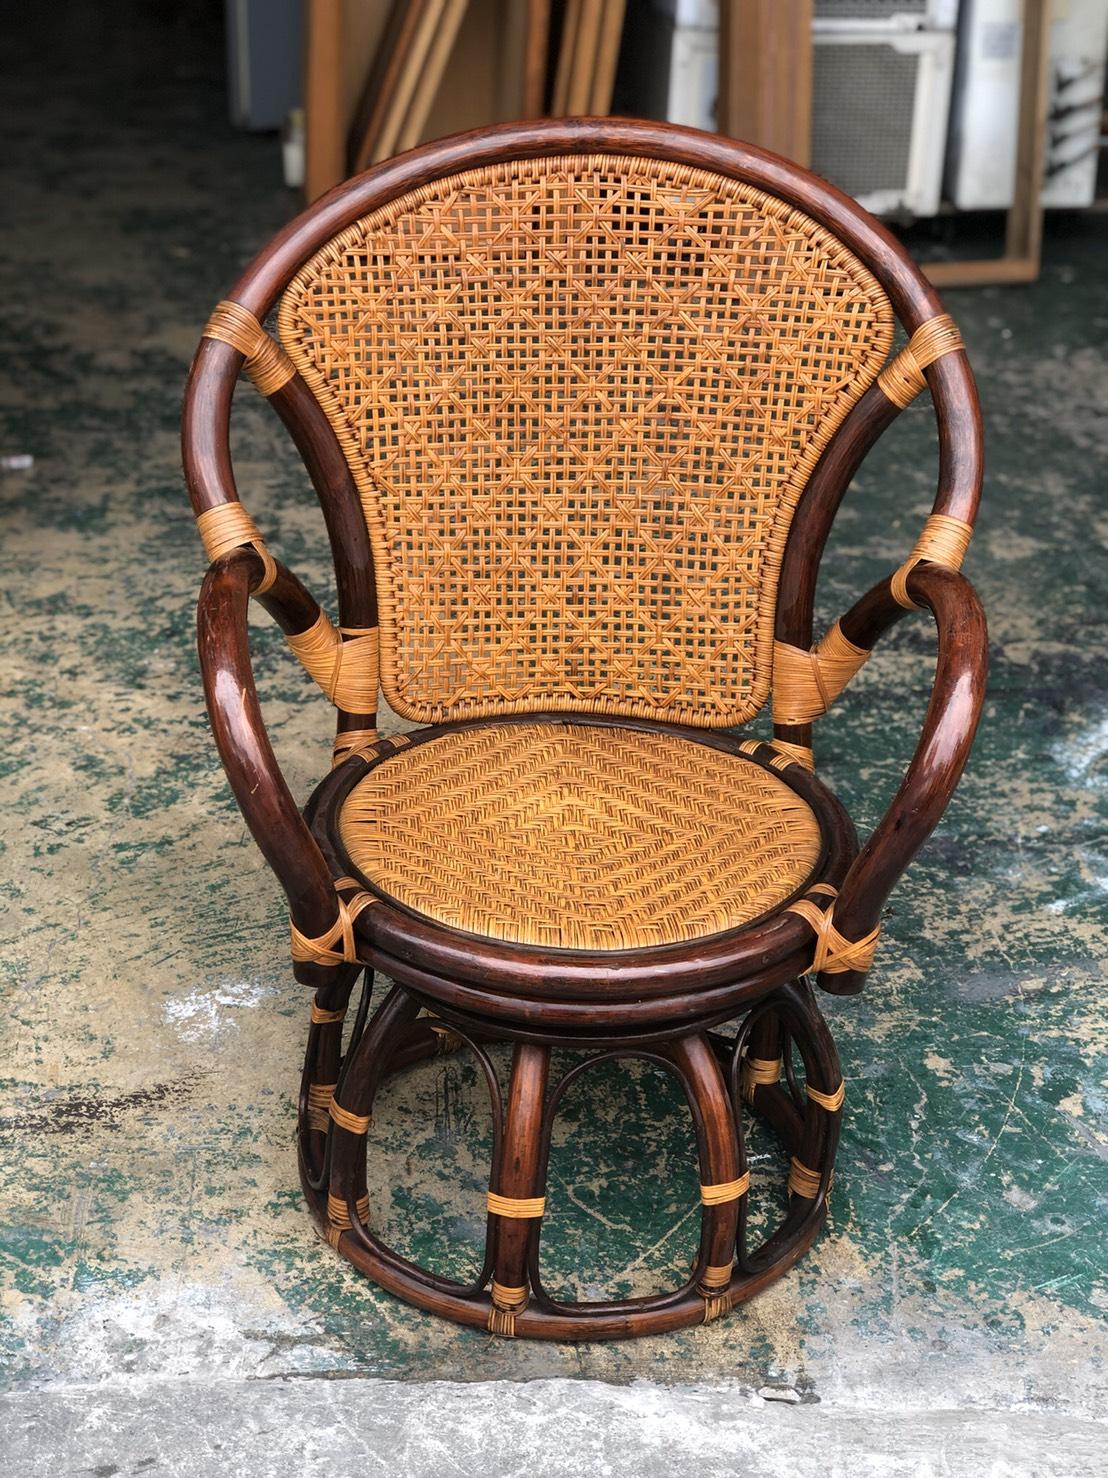 東鼎二手家具 單人座 圓背旋轉籐椅*蘋果椅*泡茶椅*房間椅*餐椅*客廳椅*沙發椅*藤椅*餐椅*矮凳*矮椅*休閒椅